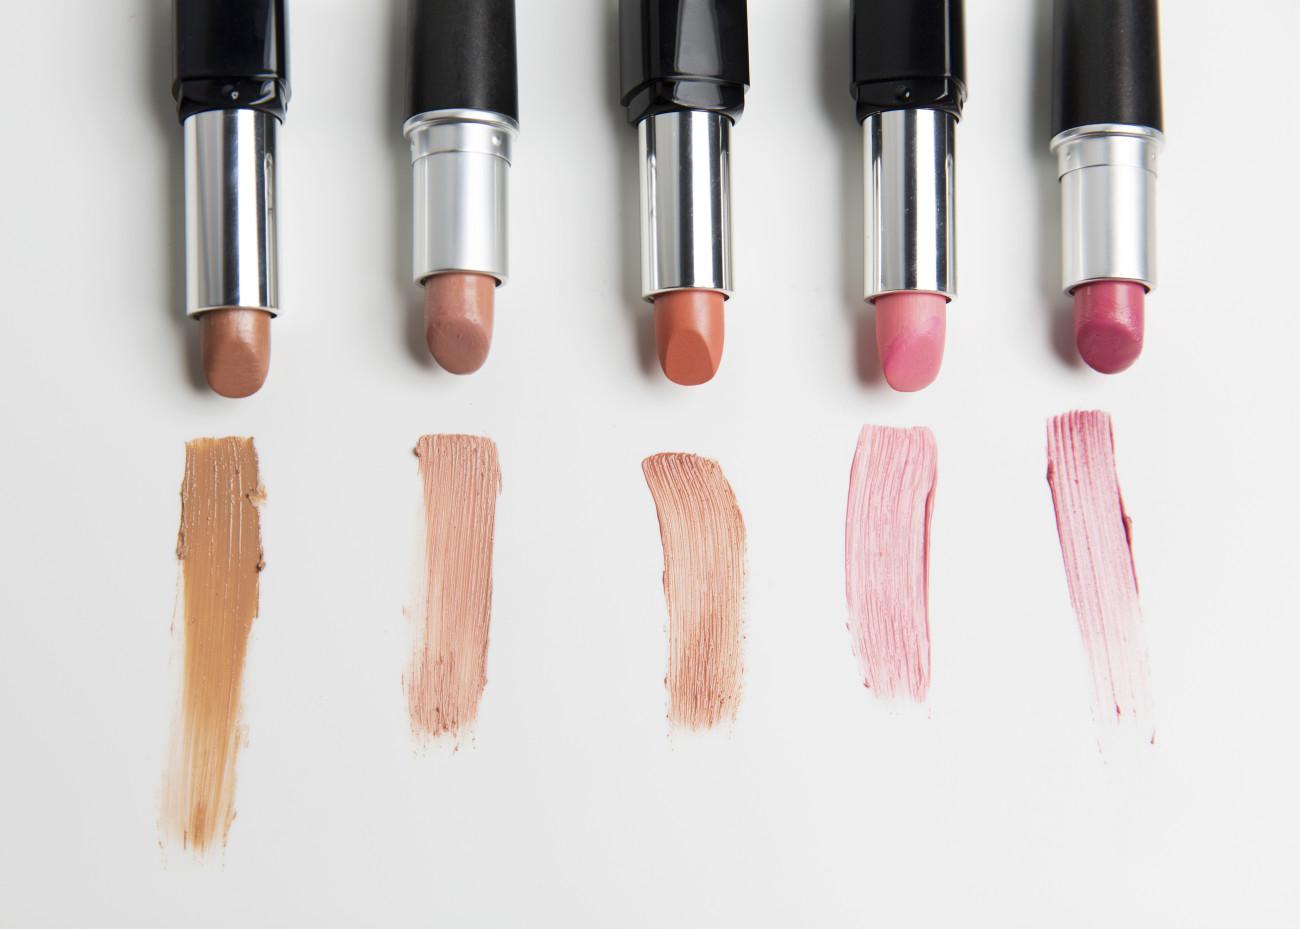 lippenstift selber machen: so einfach geht's! | desired.de